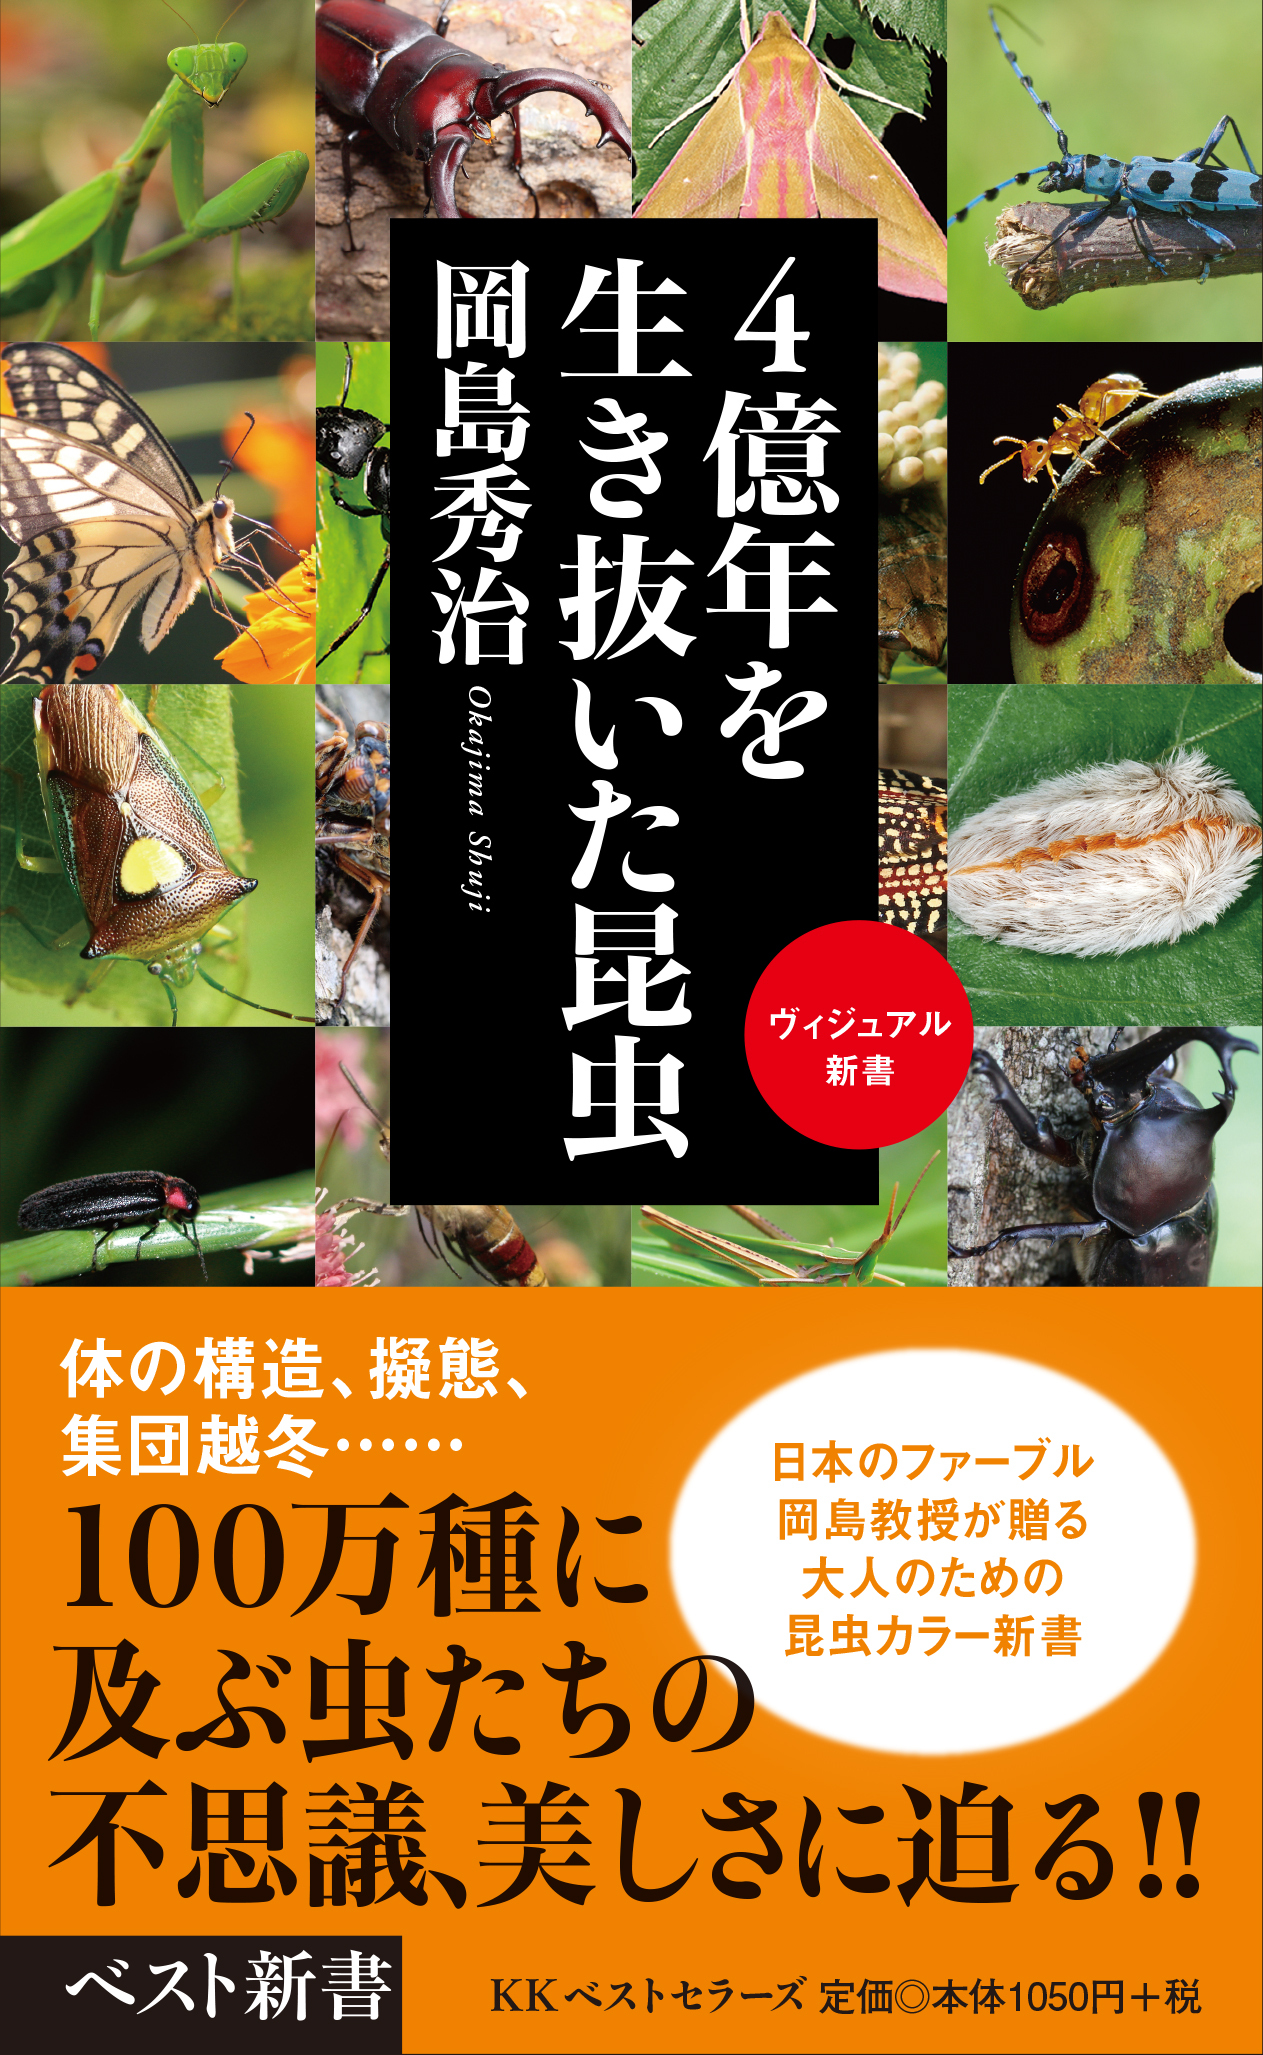 「4億年を生き抜いた昆虫」の著者、岡島秀治先生の講演会が行なわれます。